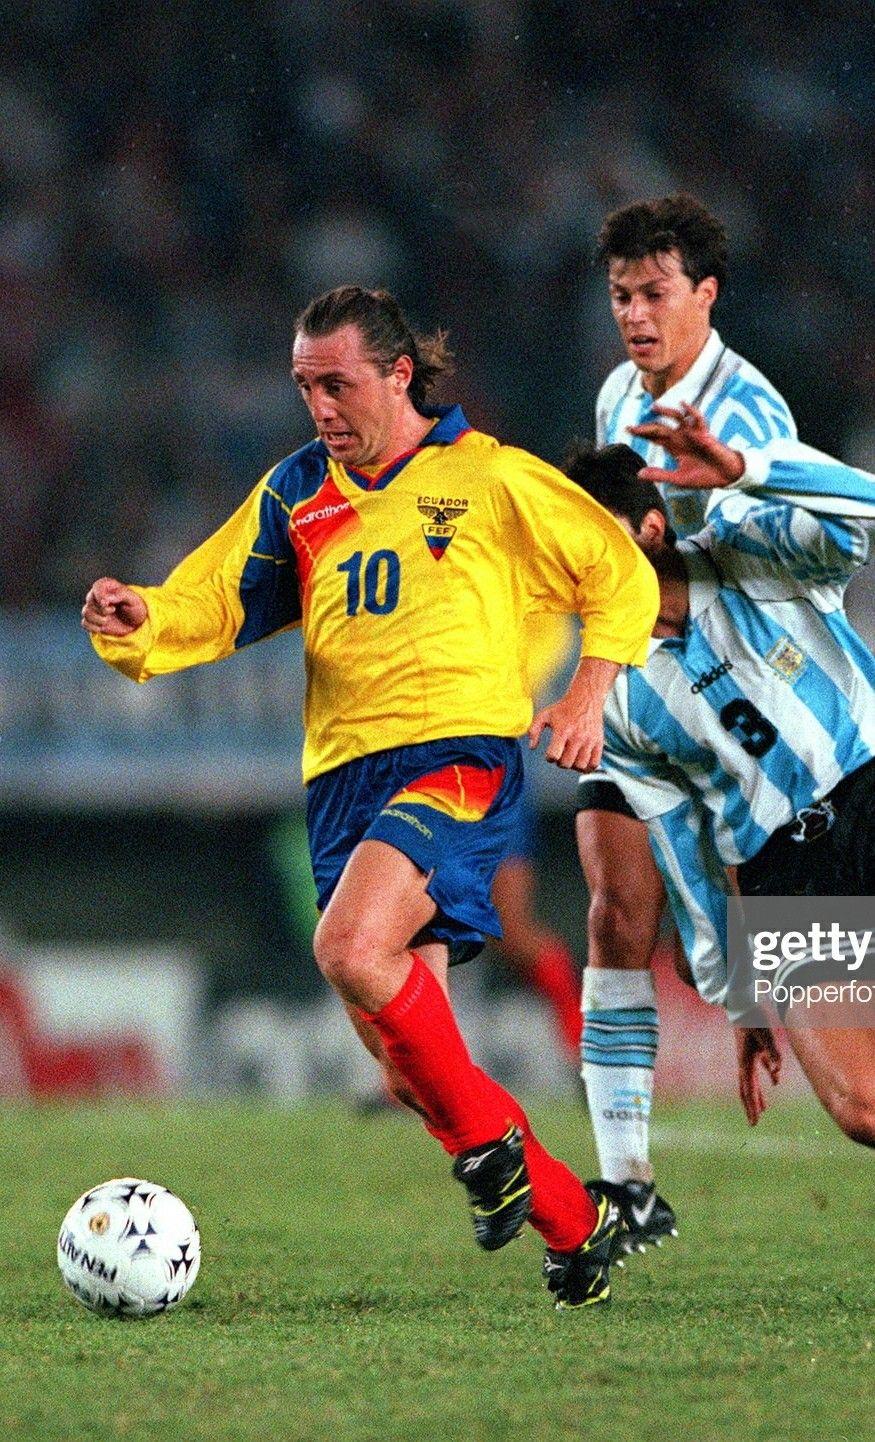 Alex Aguinaga Mundo futbol, Fútbol, Futbolero